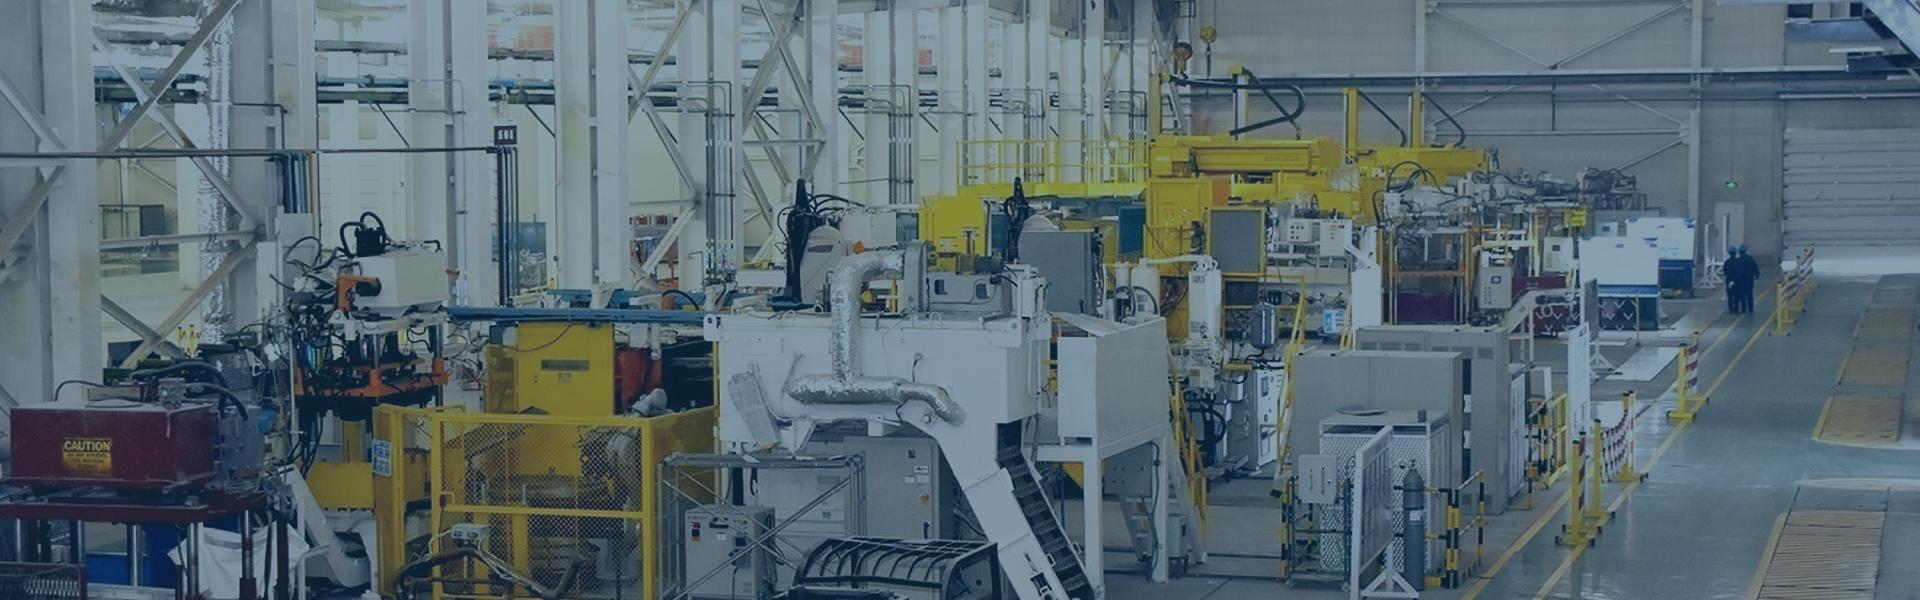 发展绿色优质产业 推动高新技术 打造高薪队伍